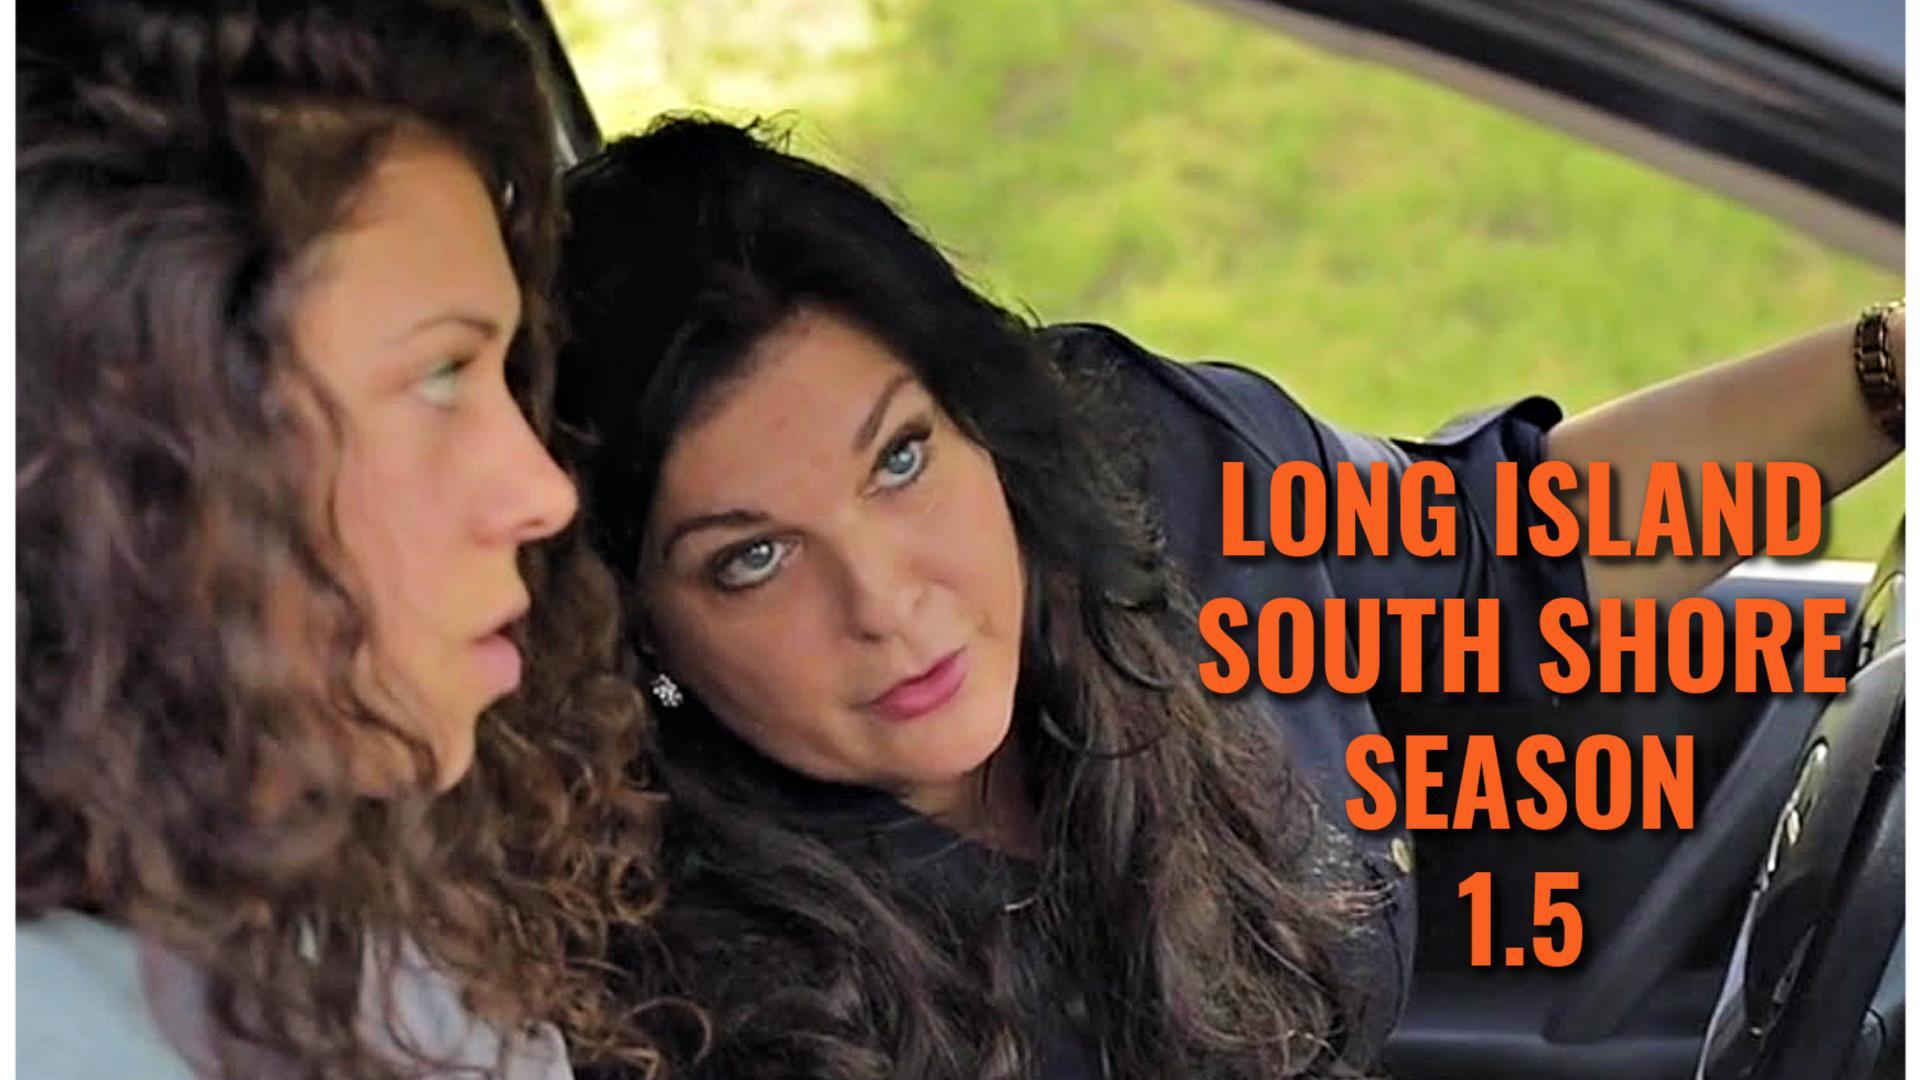 Long Island South Shore (Season 1.5)